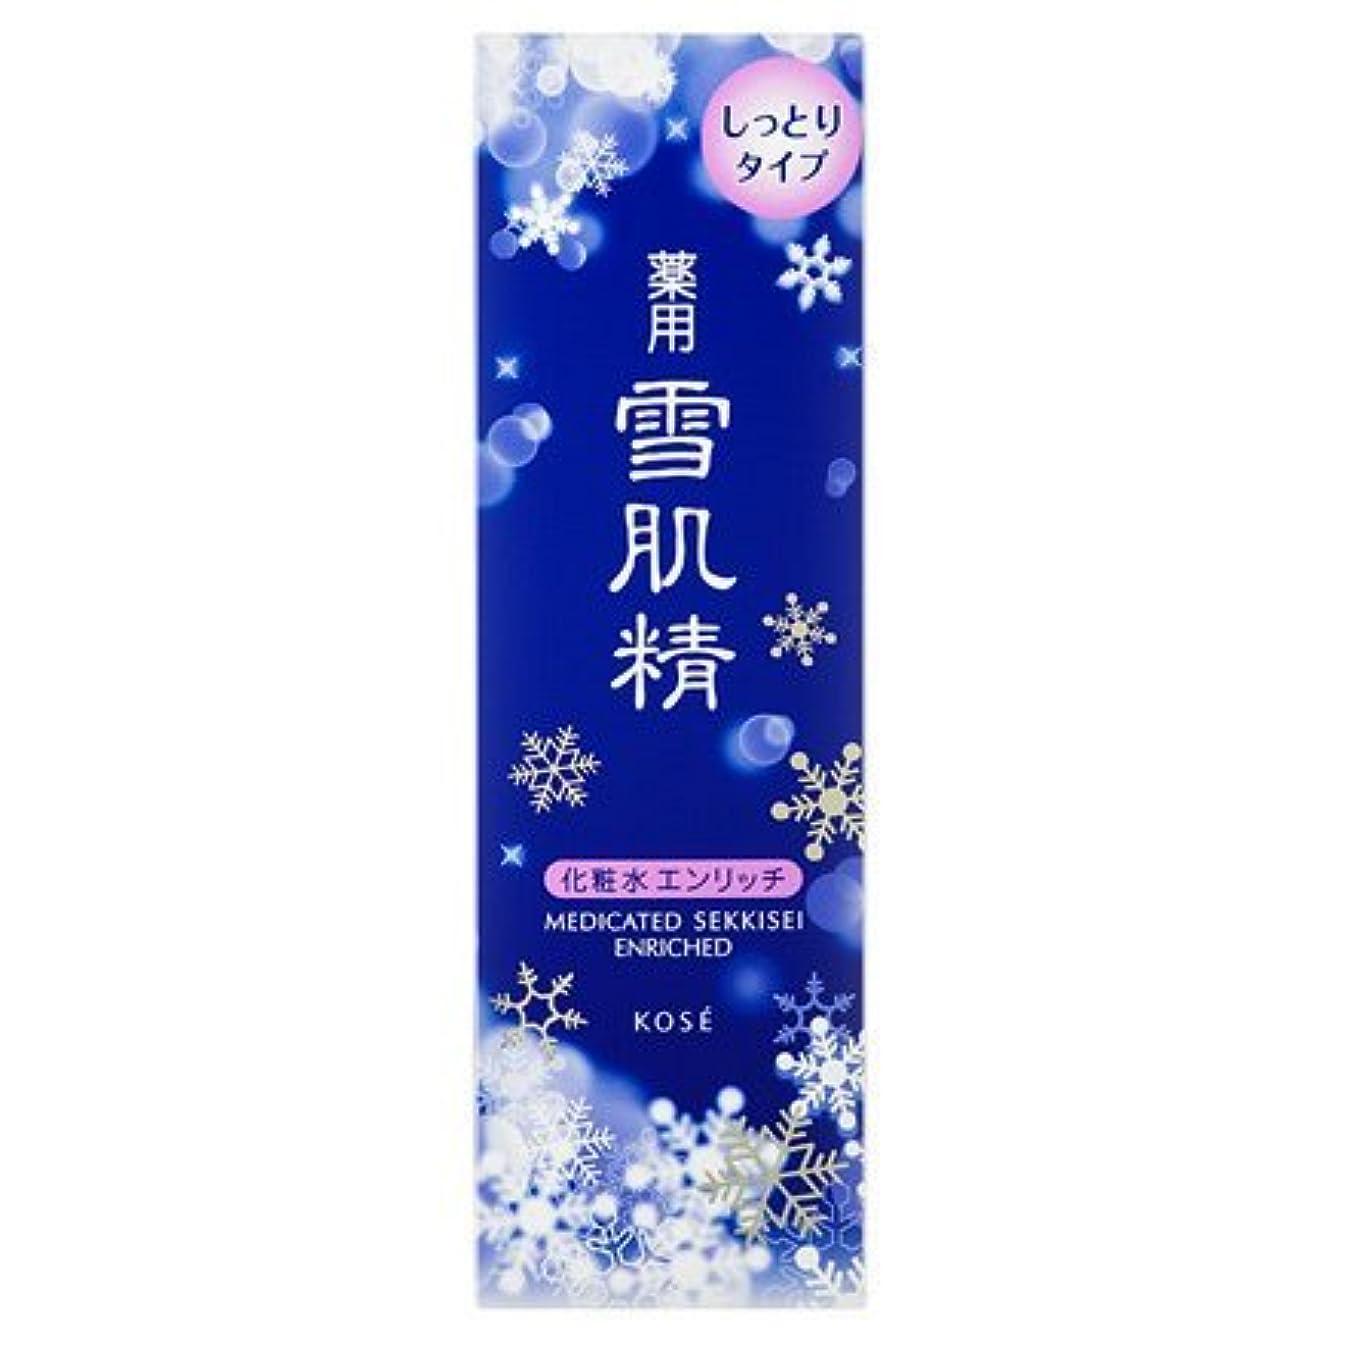 スプリット頬結果として【限定】コーセー 薬用 雪肌精 化粧水 エンリッチ 500ml しっとりタイプ